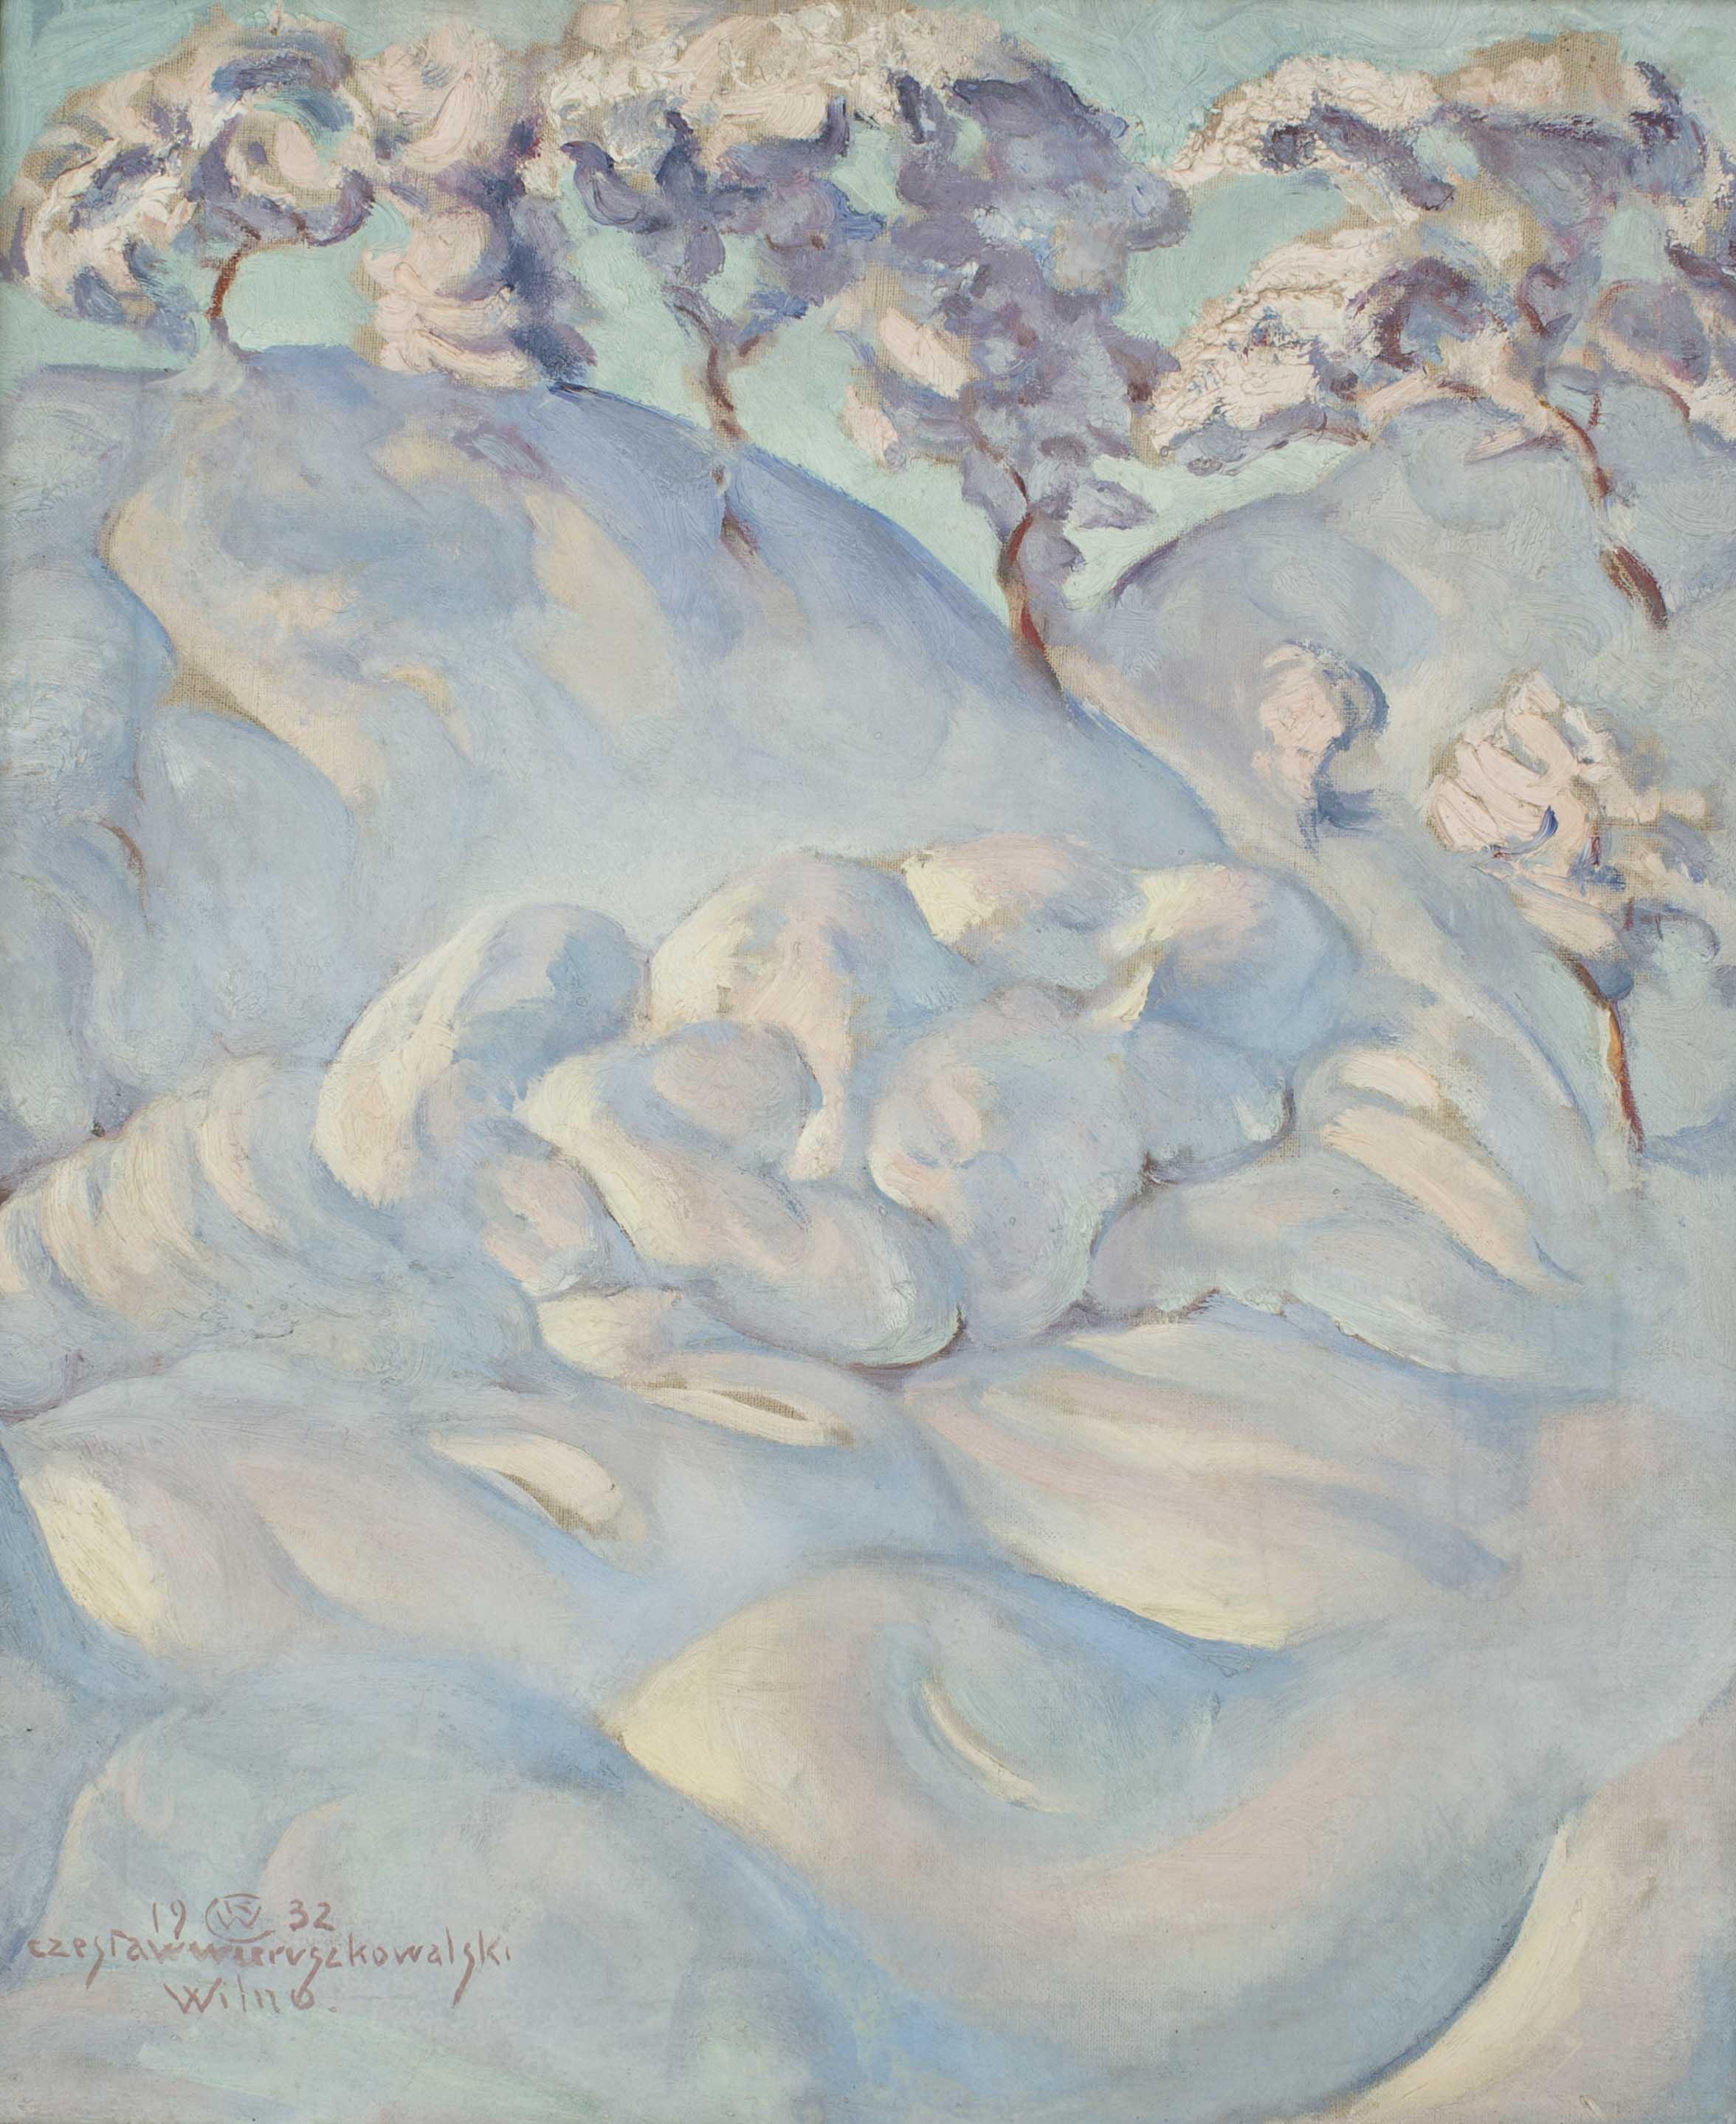 Obraz przedstawiający ogromne zwały śniegu leżącego na ziemi oraz śnieg leżący na drzewach w tle.